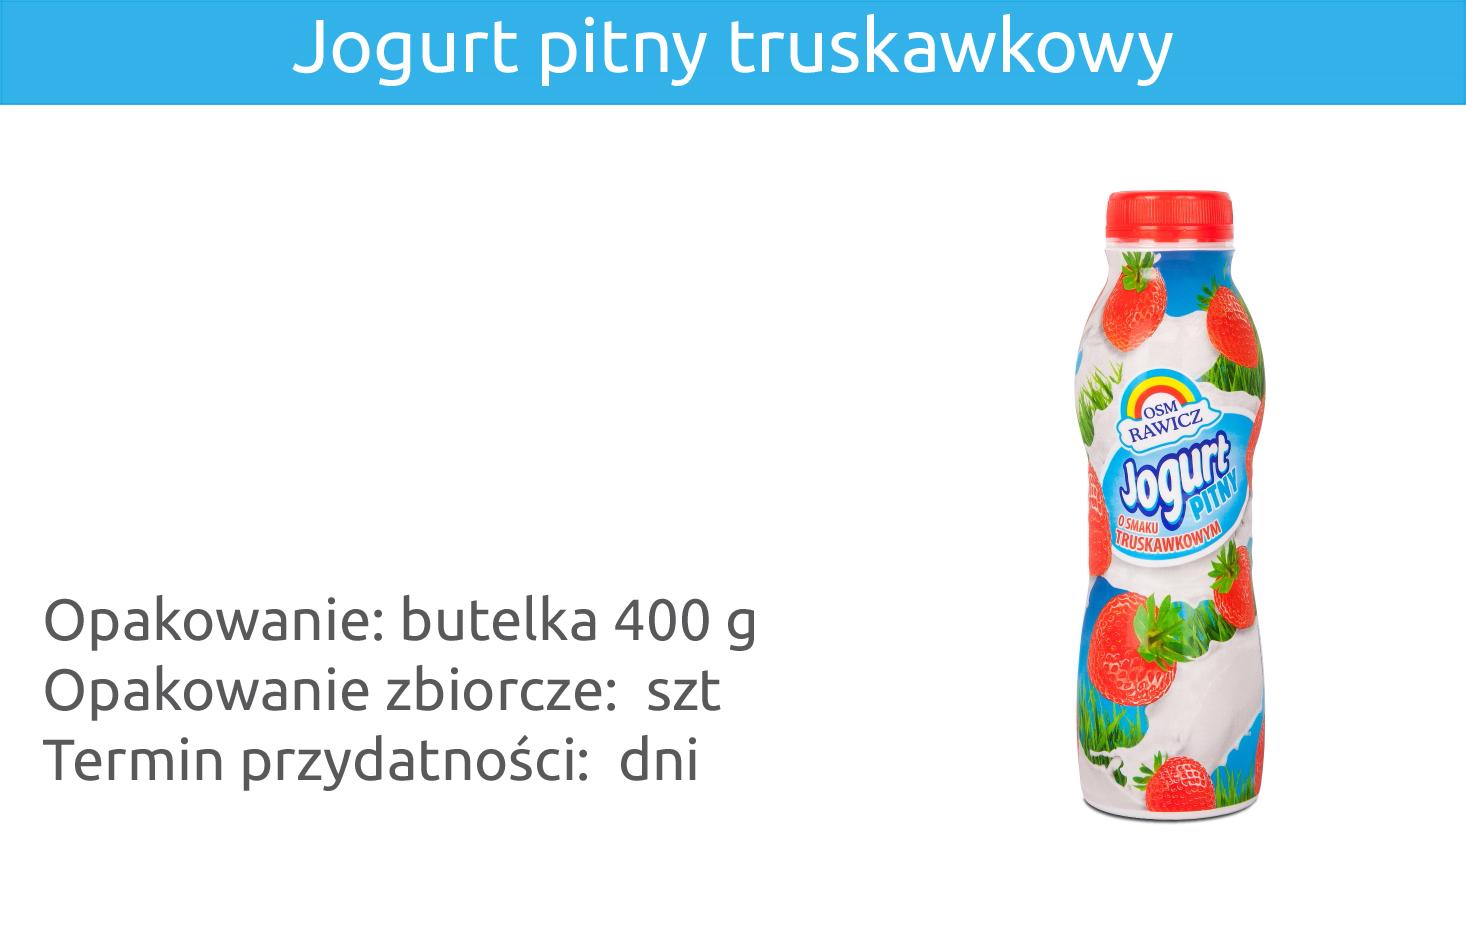 Jogurt pitny truskawkowy